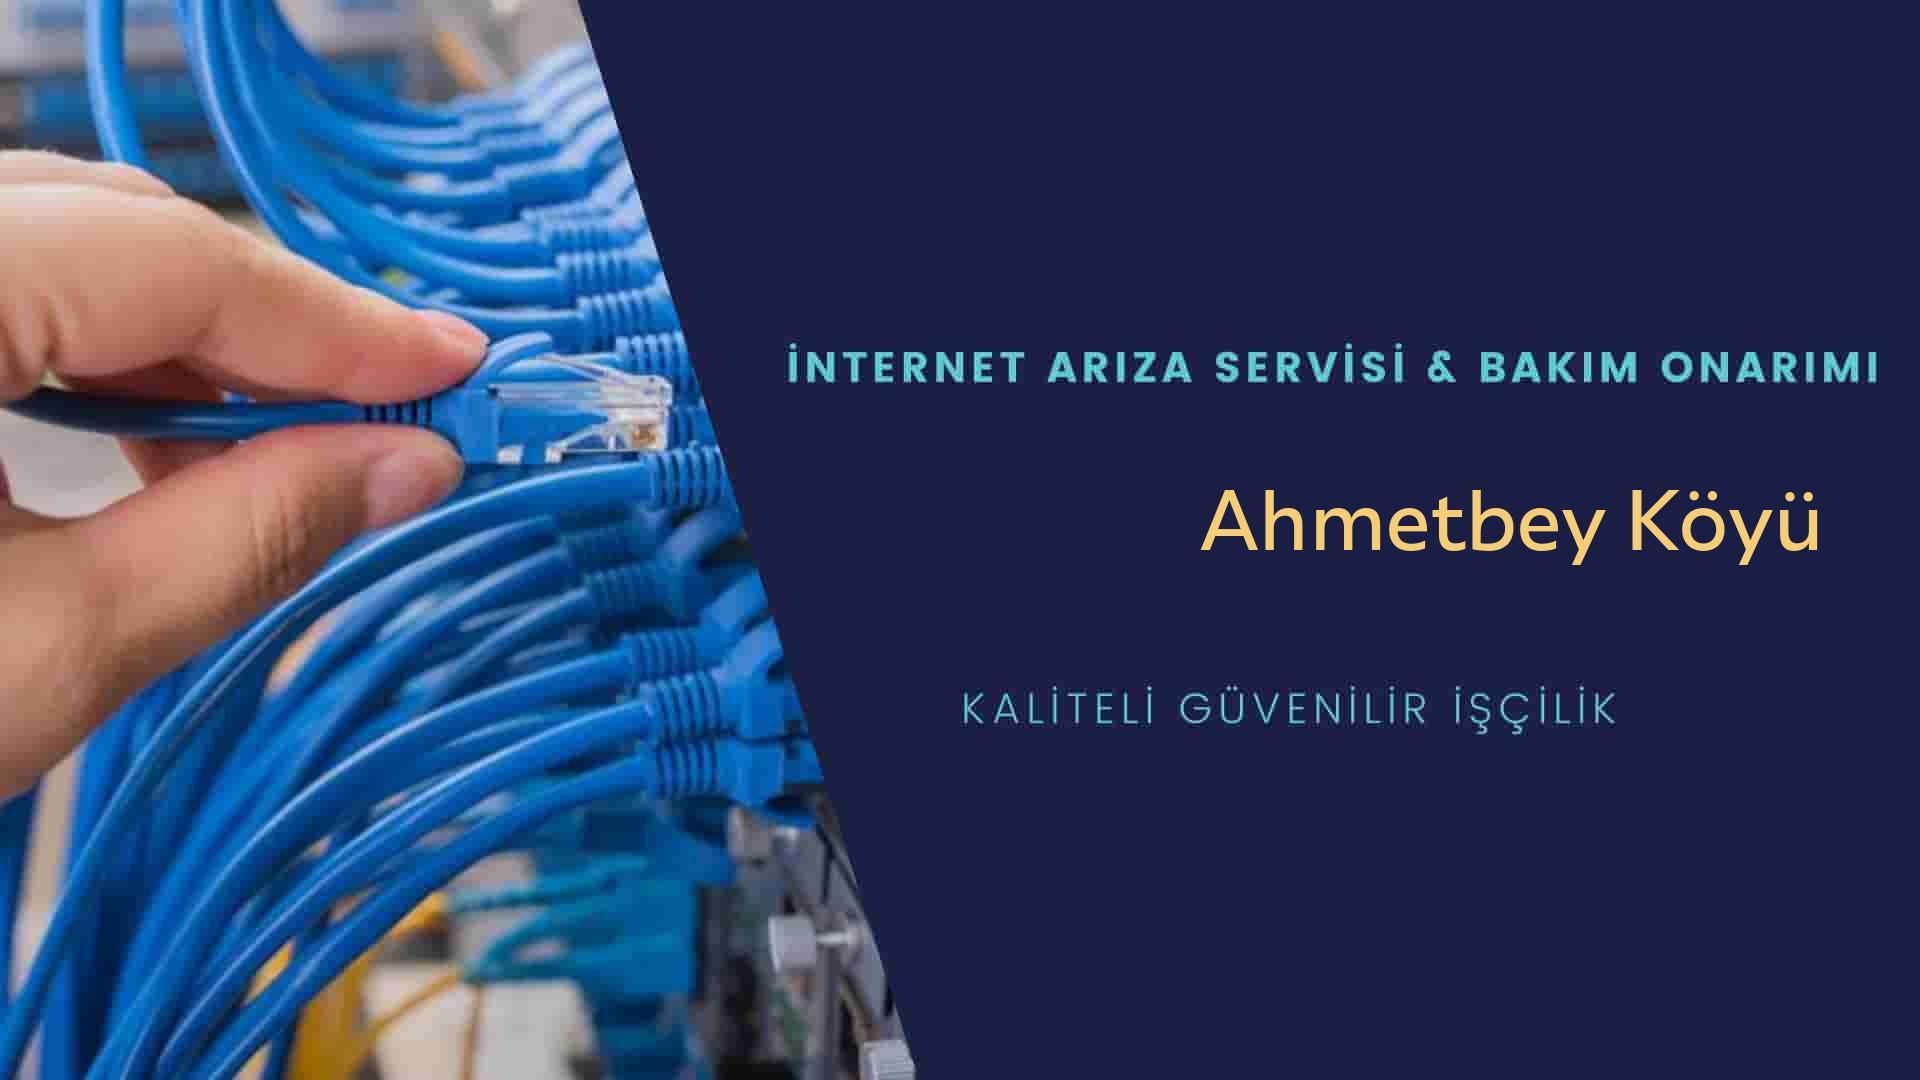 Ahmetbey Köyü internet kablosu çekimi yapan yerler veya elektrikçiler mi? arıyorsunuz doğru yerdesiniz o zaman sizlere 7/24 yardımcı olacak profesyonel ustalarımız bir telefon kadar yakındır size.